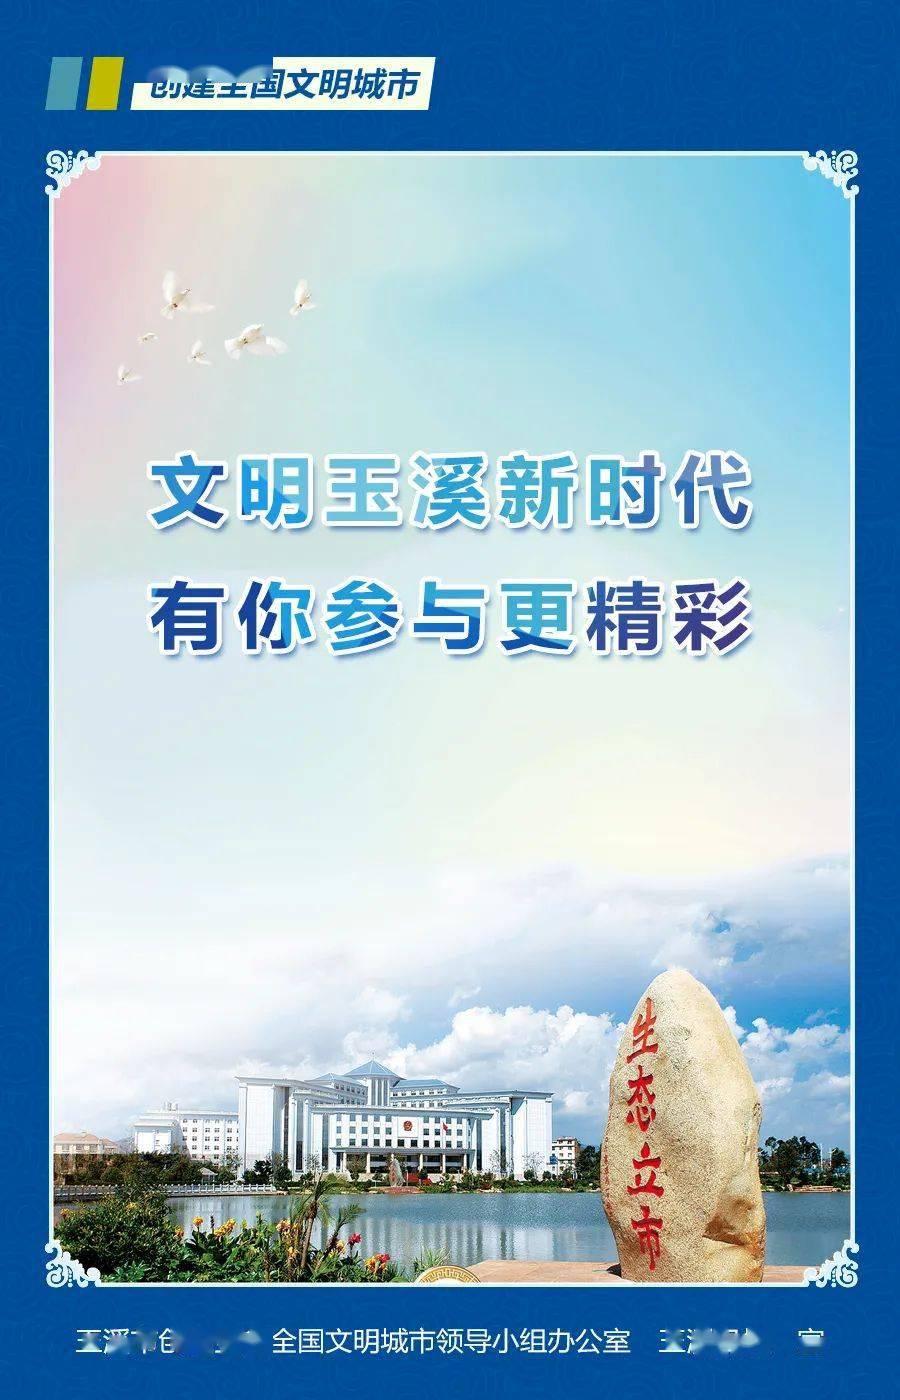 【玉检•转播】创建全国文明城市,这些知识应知应会(四)